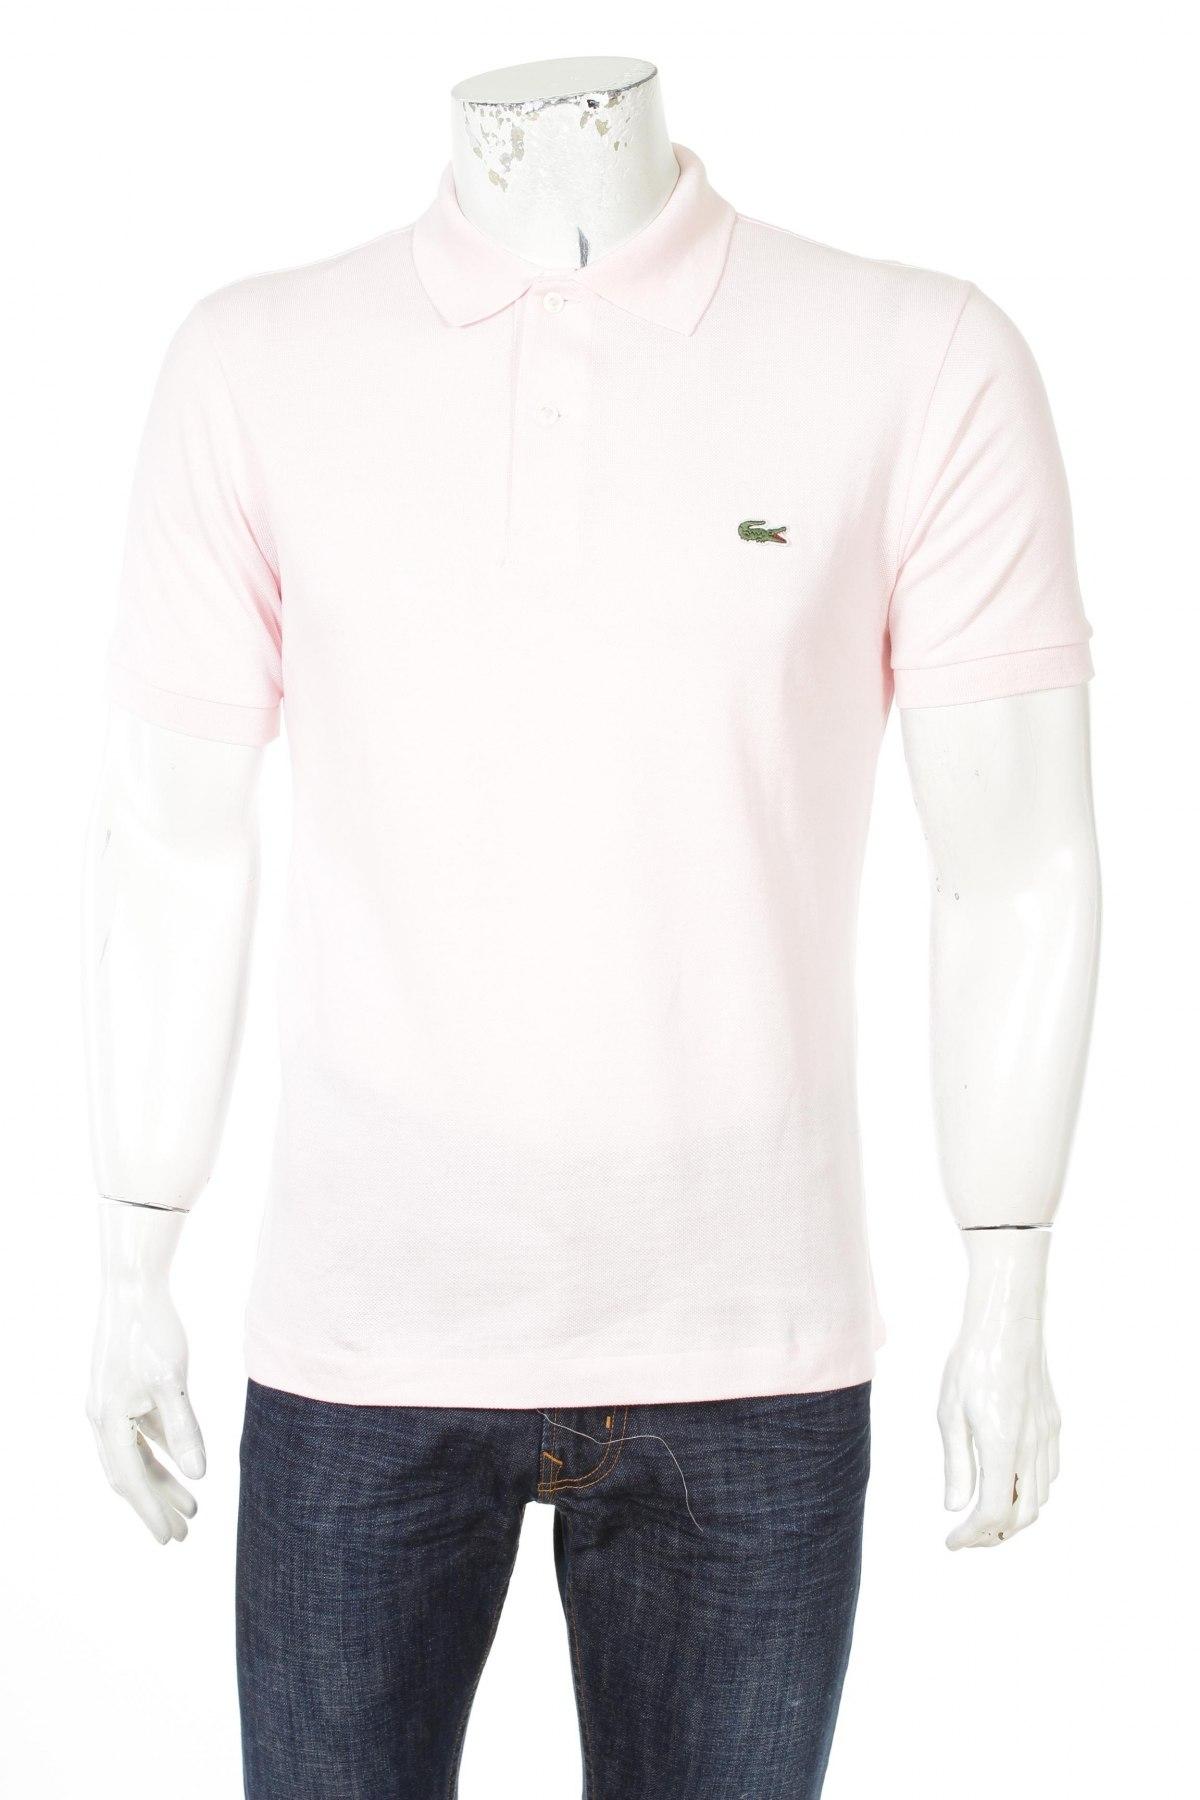 Pánske tričko Lacoste - za výhodnú cenu na Remix -  100536578 e78899ccb6